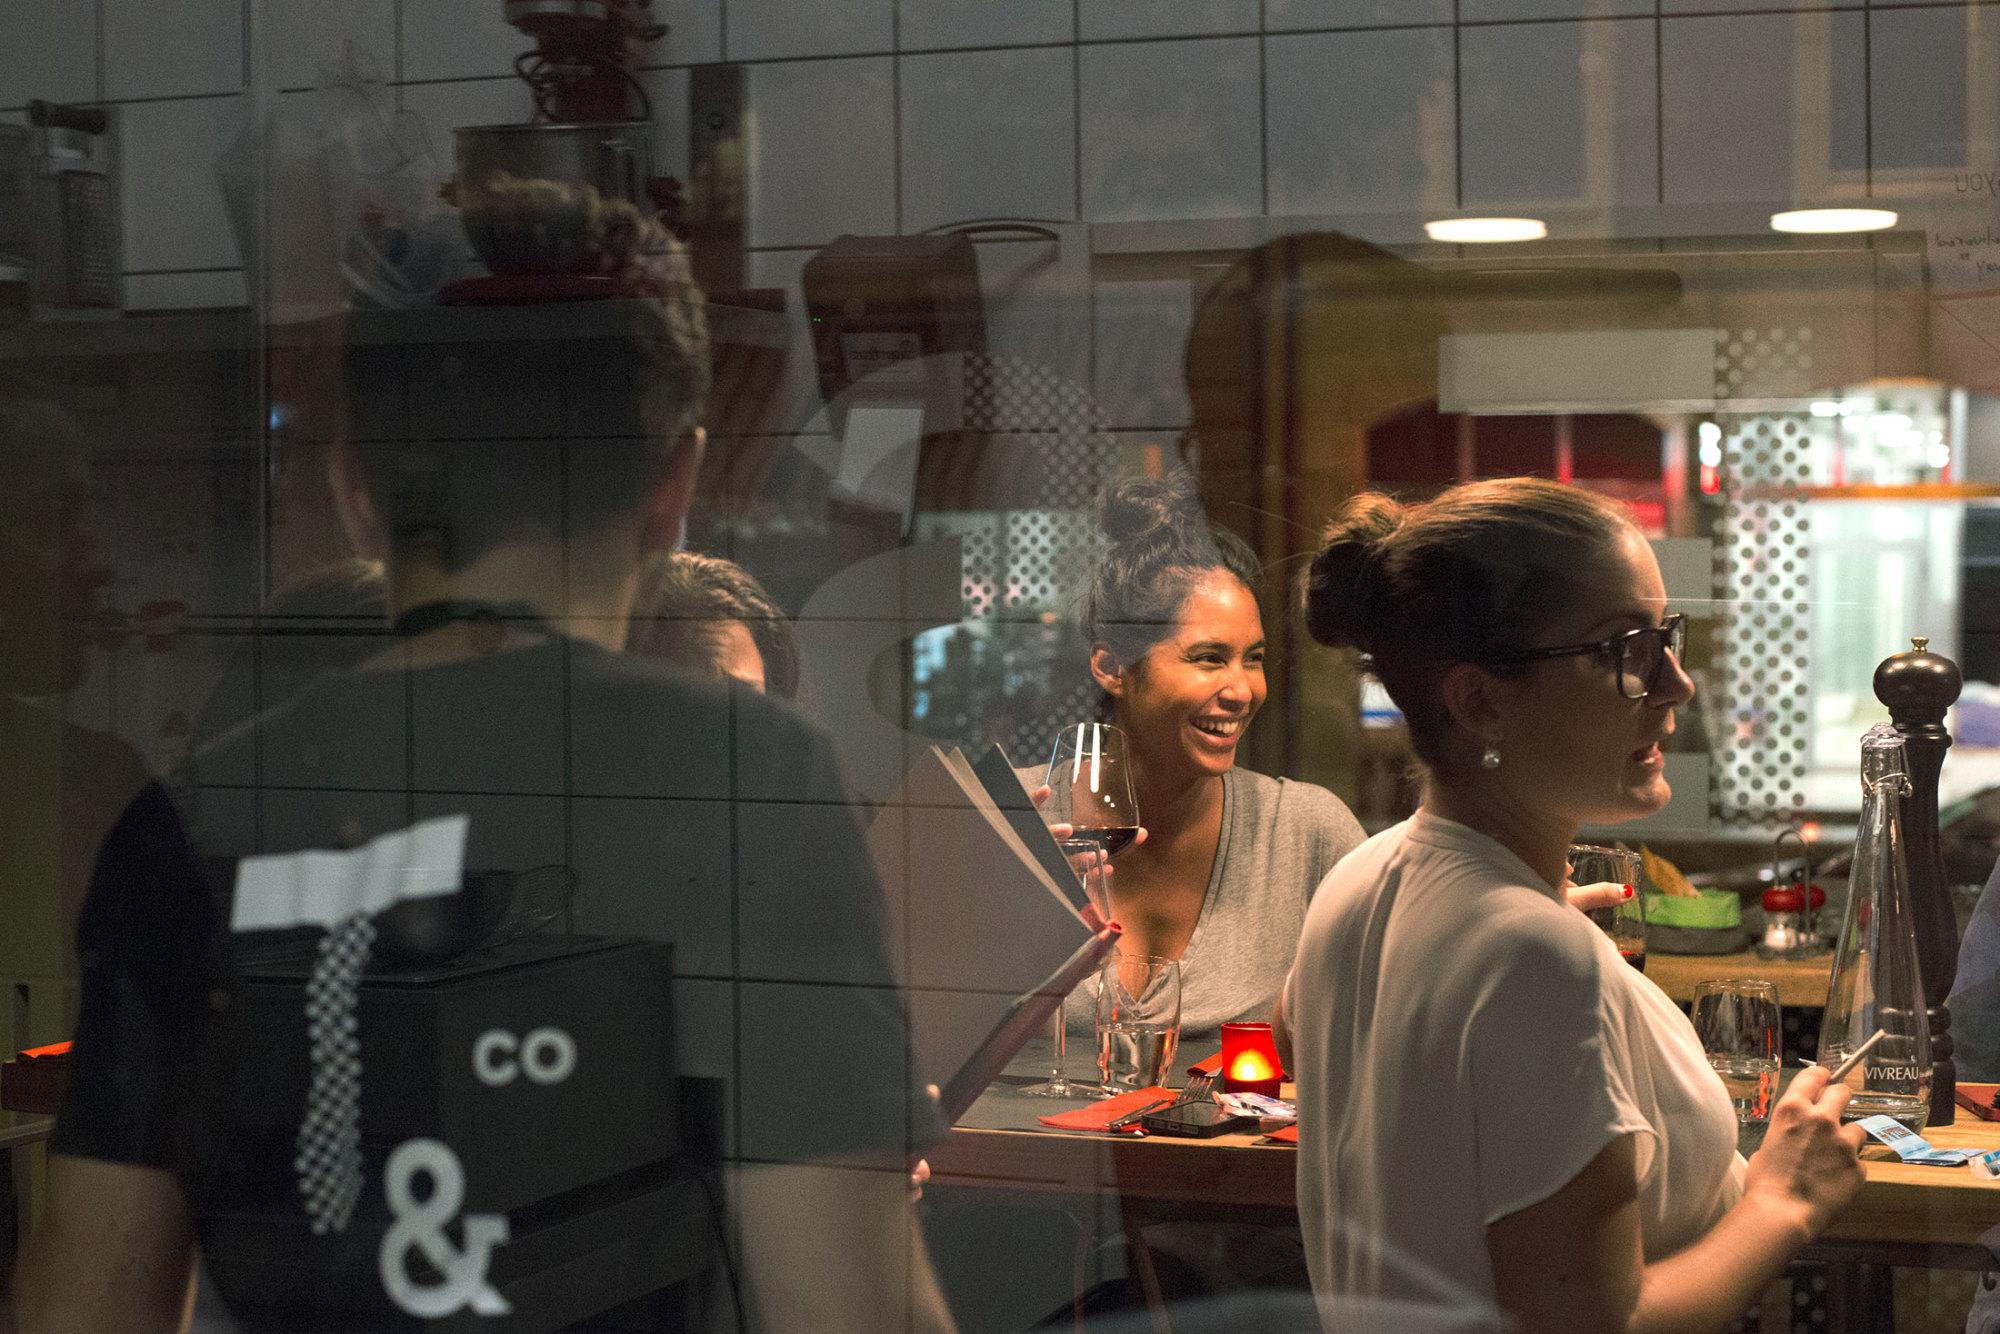 Graphisme Geneve graphic design graphique direction artistique logo identité visuelle identity branding brand  tartares & co bar restaurant grand prix 2015  layout charte graphique t-shirt